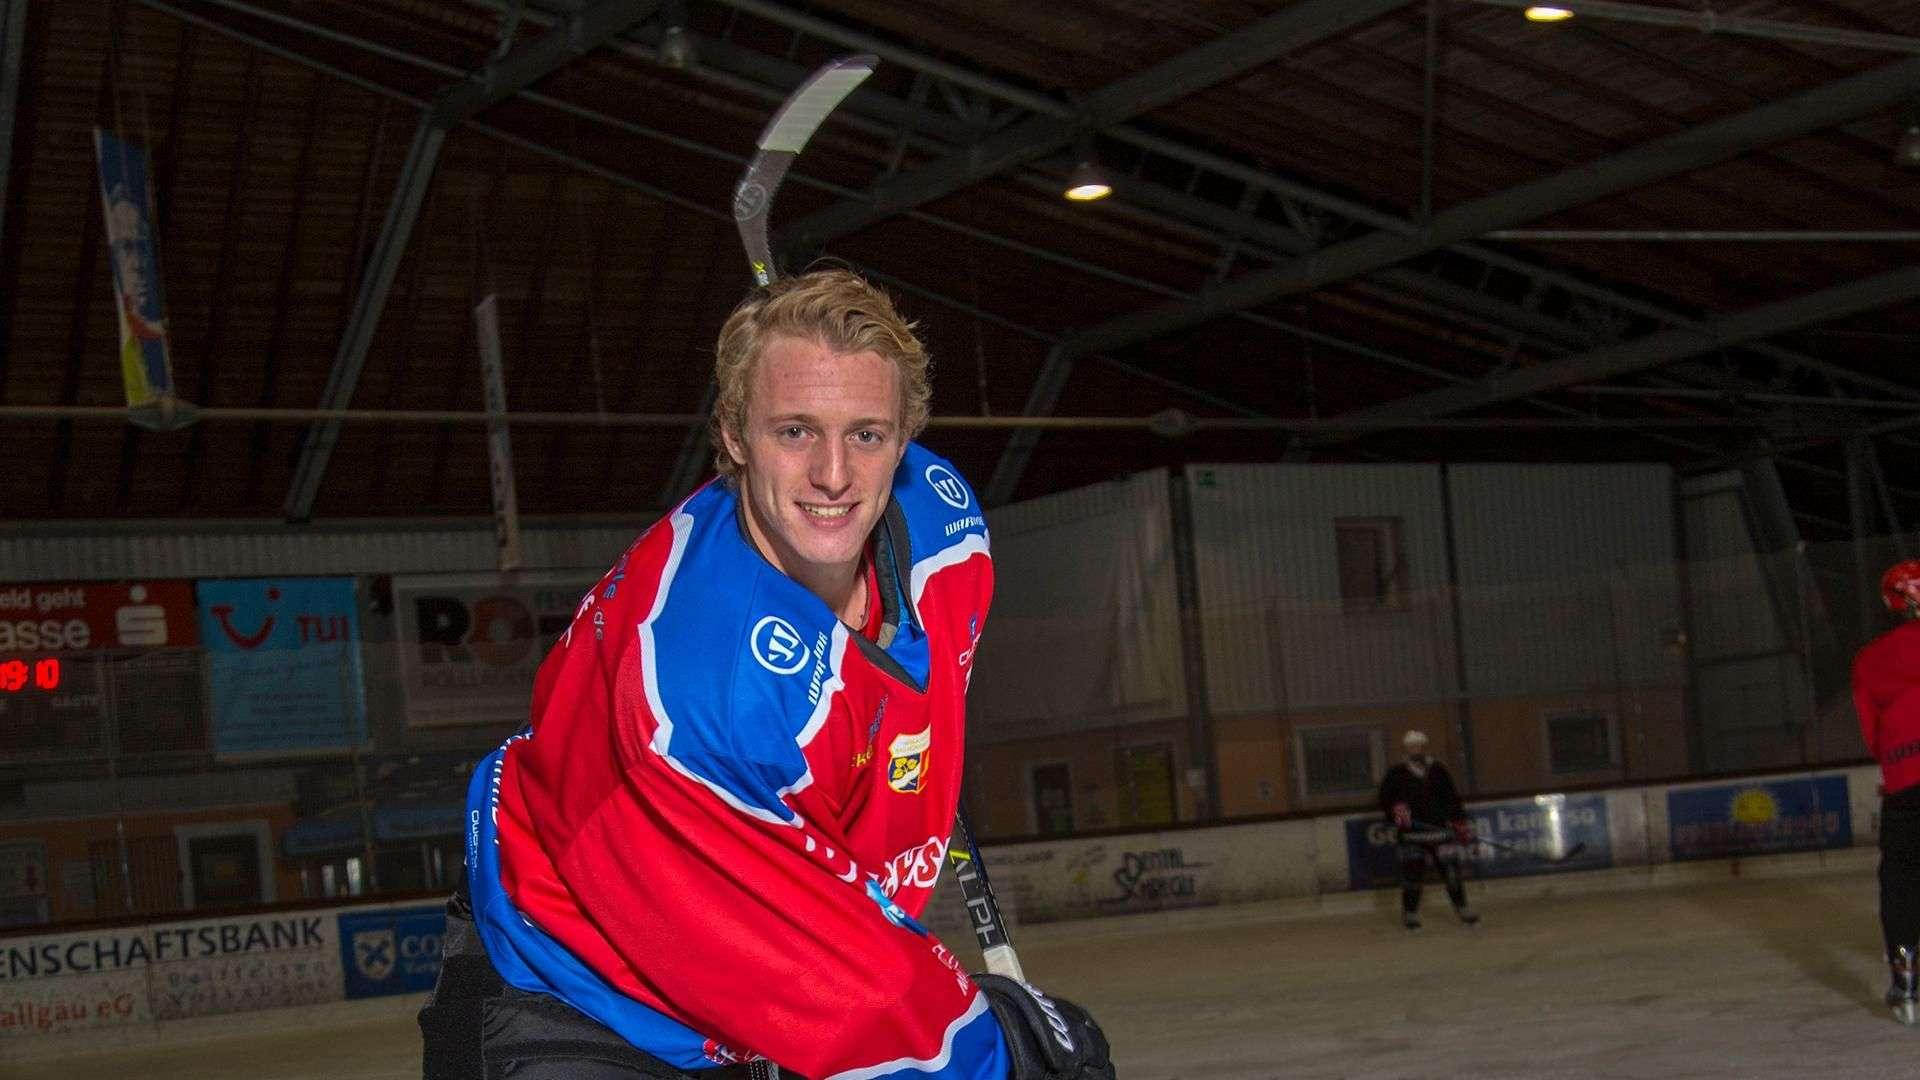 Linara-Mitarbeiter Brückner beim Eishockey spielen